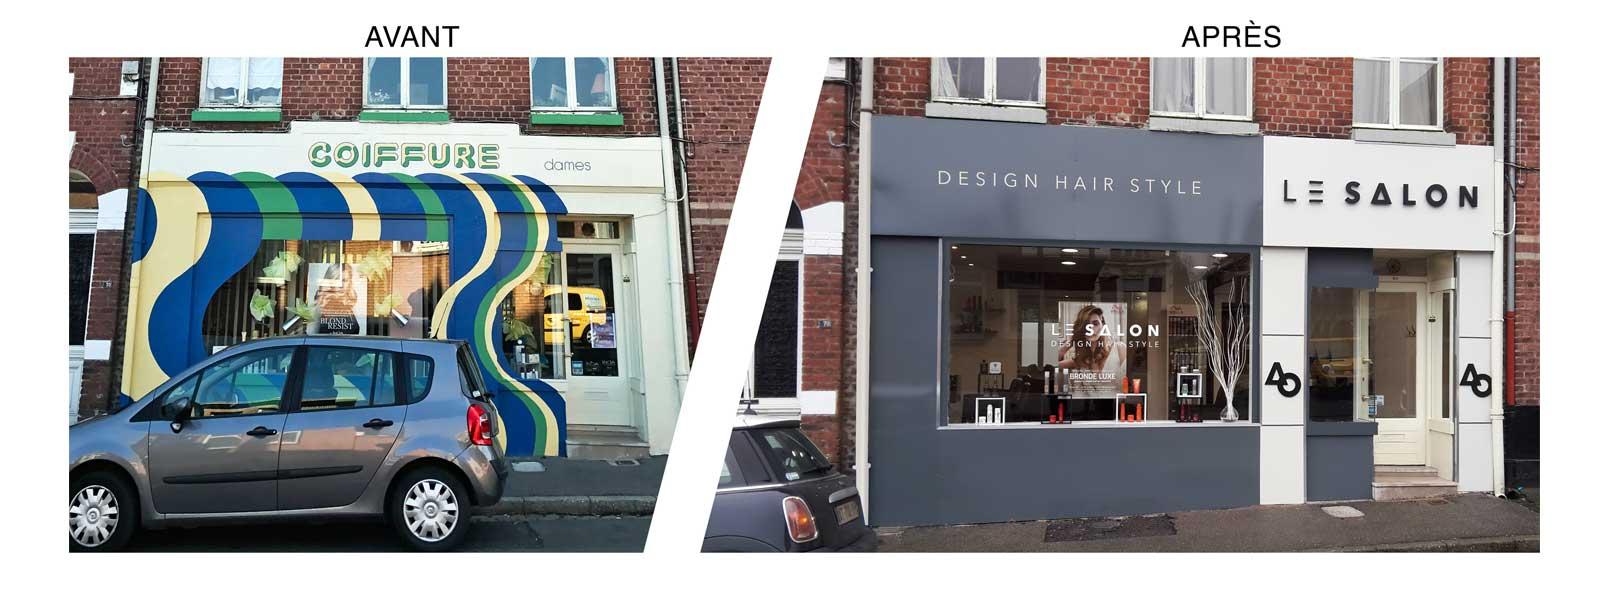 habillage facade salon de coiffure